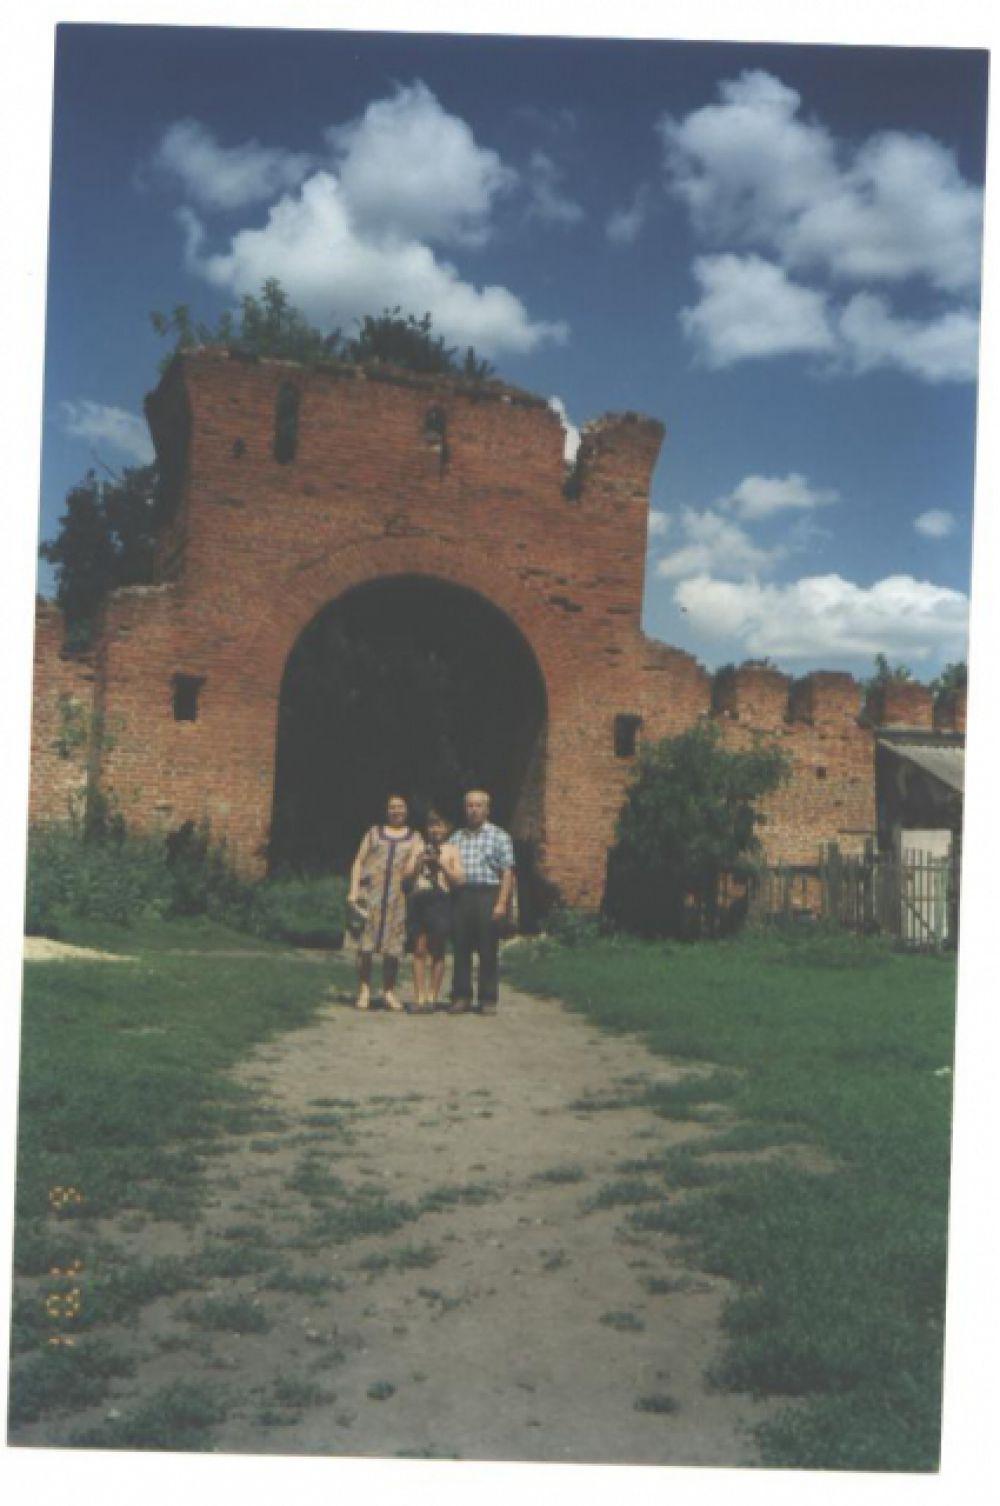 Фото Натальи: исторические ценности нашего края.